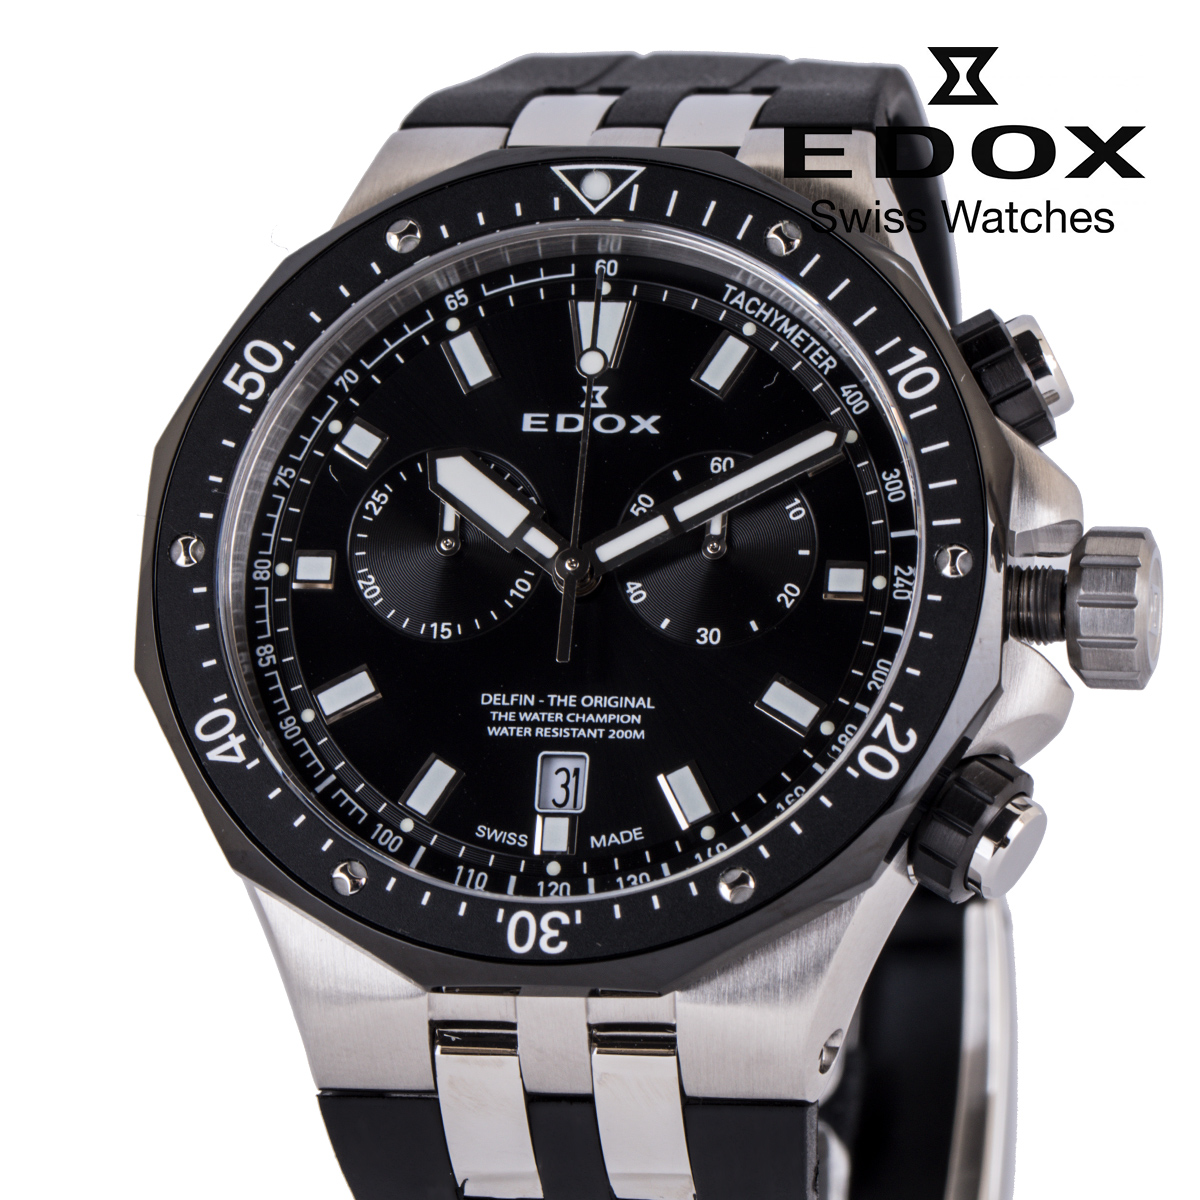 エドックス 海外正規品 送料無料 あす楽 EDOX 限定タイムセール デルフィン オリジナル カレンダー 10109-357NCA-NIN 腕時計 クオーツ クロノグラフ 時計 人気の定番 メンズ